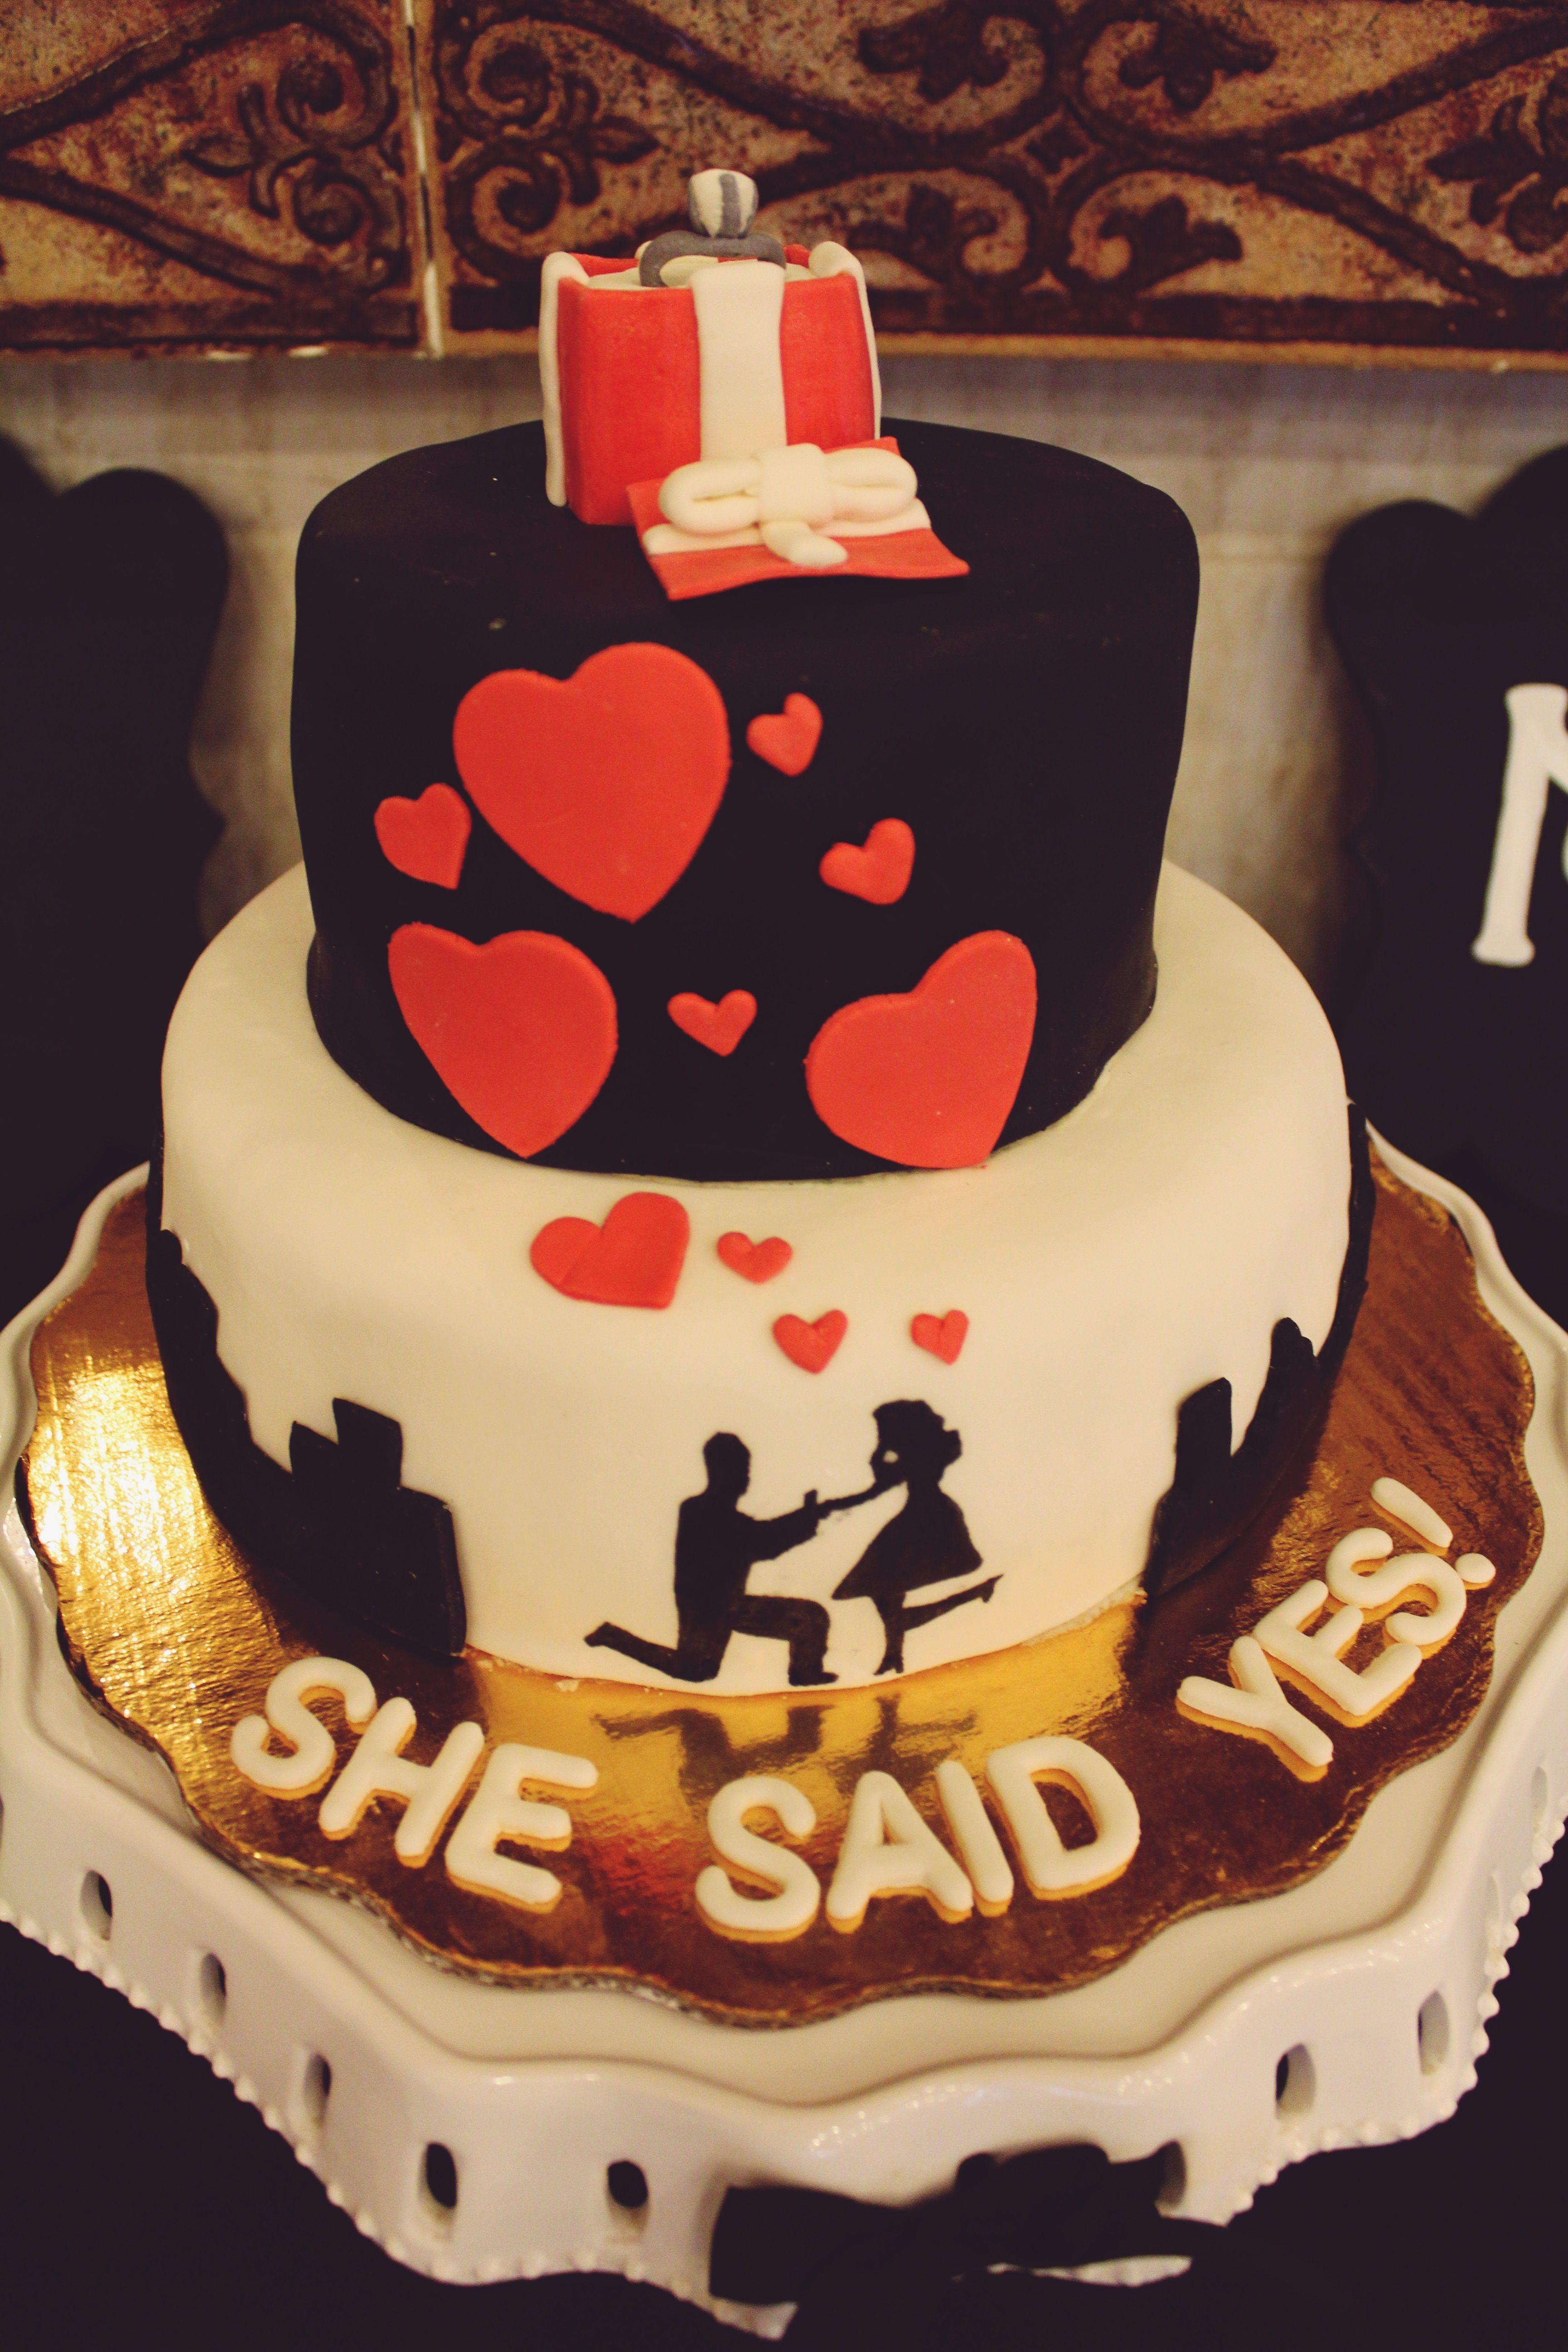 ¡Hermoso pastel de compromiso!